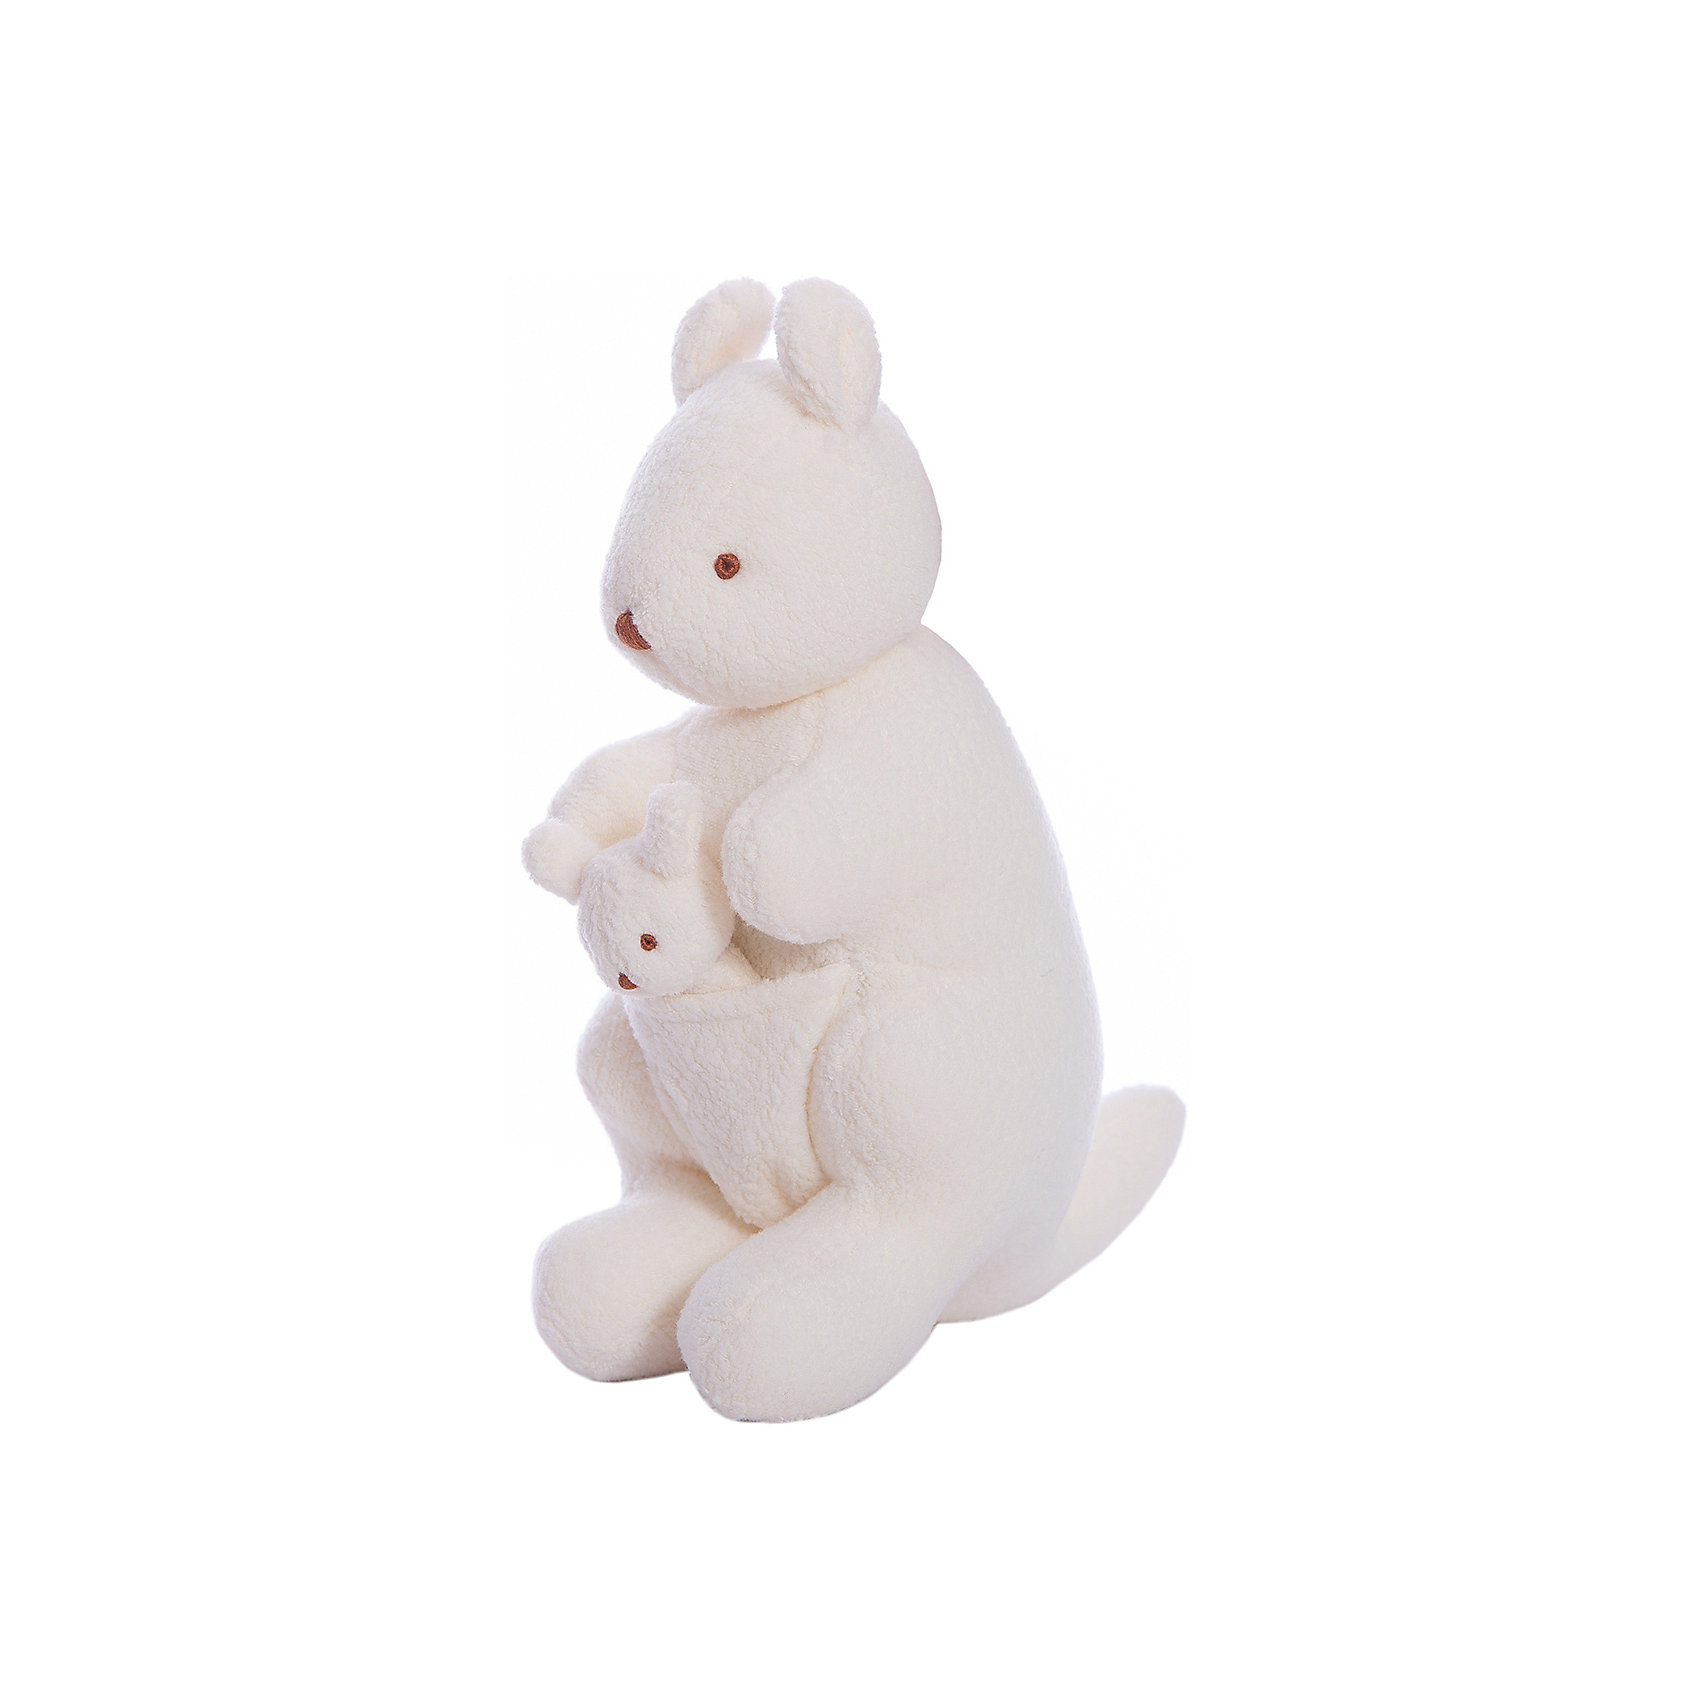 Мягкая игрушка Кенгуру, музыкальный, 20см&#13;, TrousselierМягкая игрушка Кенгуру, музыкальный, 20см, Trousselier (Трусельер).<br><br>Характеристики:<br><br>- Высота игрушки: 20 см.<br>- Материал: хлопковый велюр<br>- Мелодия: Колыбельная Иоганесс Брамс<br>- Уход: возможна ручная стирка игрушки<br><br>Мягкая игрушка представляет собой маму-кенгуру со своим детенышем, маленьким очаровательным кенгуренком, который уютно разместился у мамы в сумке. Игрушка выполнена в нежной цветовой гамме, материалом для ее изготовления послужил хлопковый велюр - очень мягкий и приятный на ощупь. Игрушка имеет музыкальный блок, который может воспроизводить нежную колыбельную мелодию, если потянуть за малыша-кенгуренка. Игрушка поможет вашему малышу погрузиться в мир снов и спокойнее спать. Французский бренд Trousselier (Трусельер) вот уже более 40 лет создает уникальные коллекции детских игрушек. Вся продукция изготавливается из натуральных материалов с соблюдением высоких европейских стандартов качества.<br><br>Мягкую игрушку Кенгуру, музыкальную, 20см, Trousselier (Трусельер) можно купить в нашем интернет-магазине.<br><br>Ширина мм: 150<br>Глубина мм: 150<br>Высота мм: 70<br>Вес г: 230<br>Возраст от месяцев: -2147483648<br>Возраст до месяцев: 2147483647<br>Пол: Унисекс<br>Возраст: Детский<br>SKU: 4964814